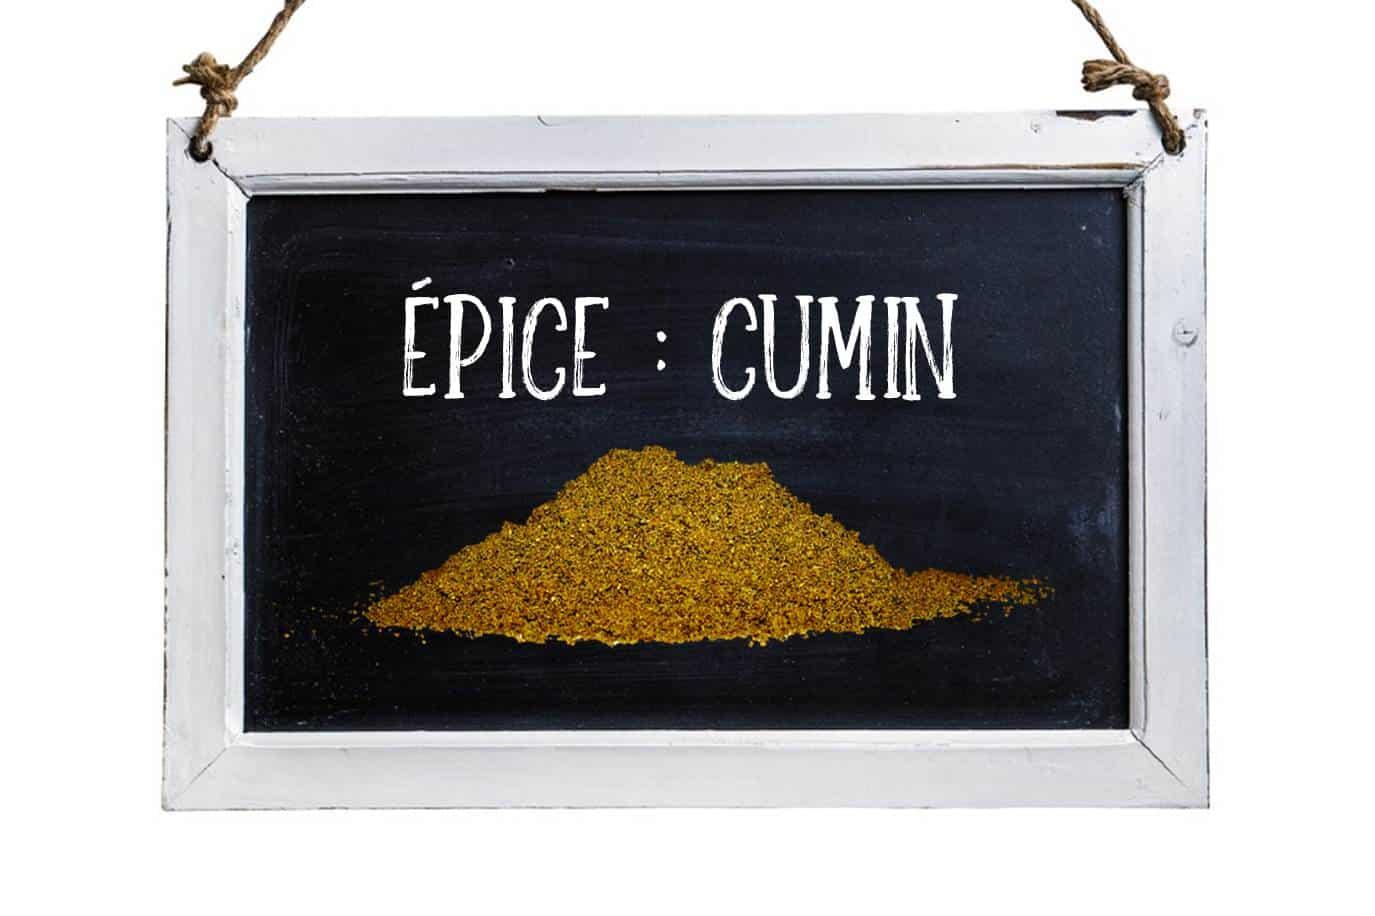 Tableau noir avec photo d'une petite montagne de cumin et écrit à la craie Épice : Cumin.